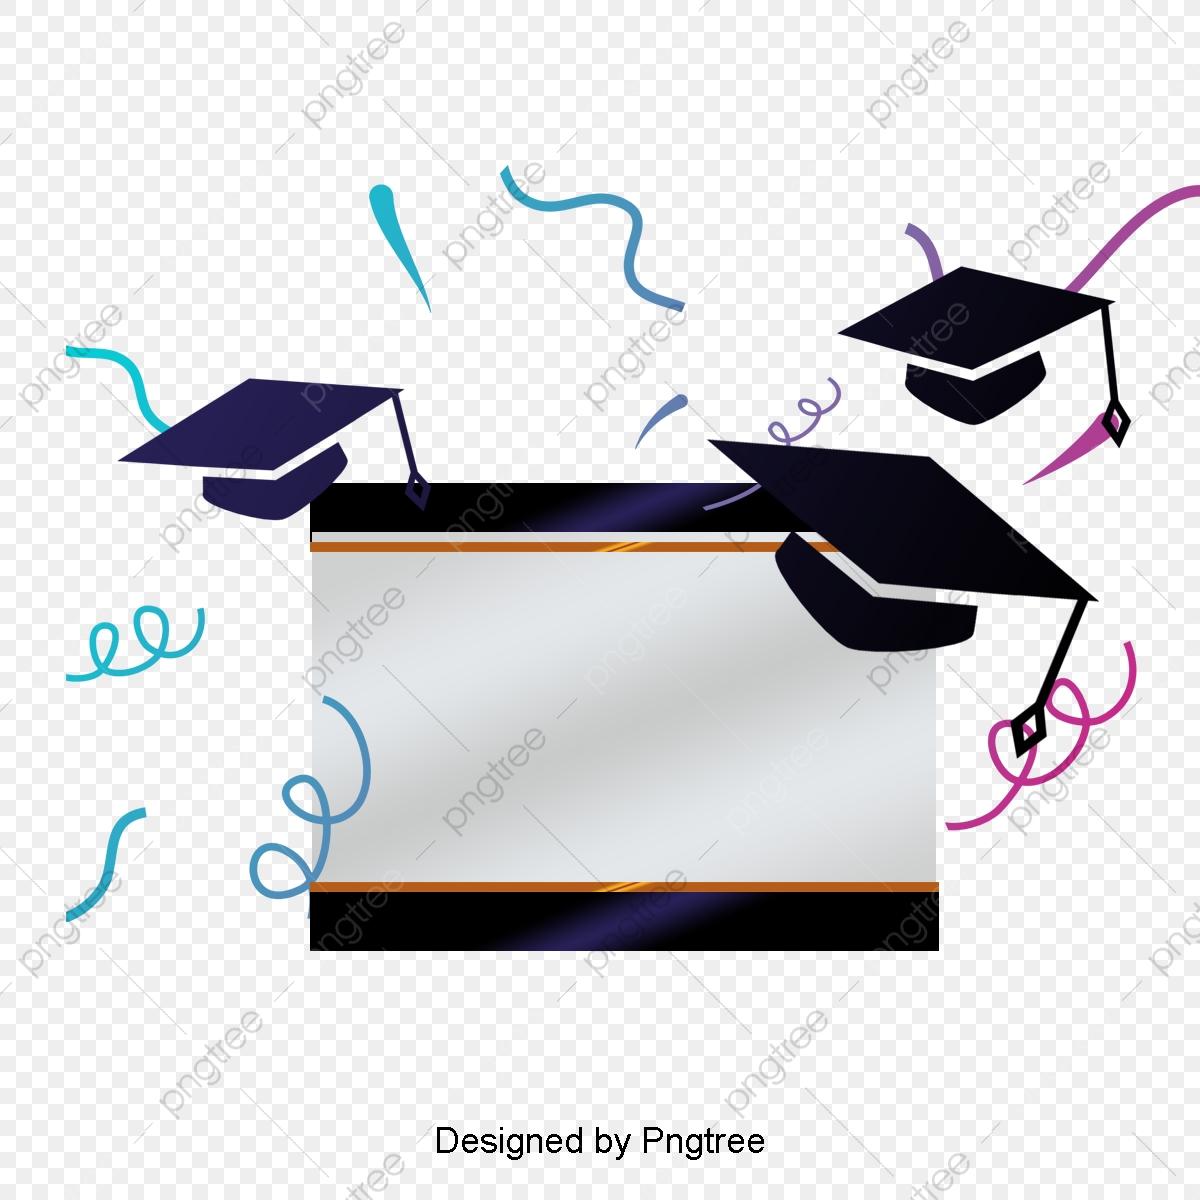 Graduation clipart poster. Season vector png